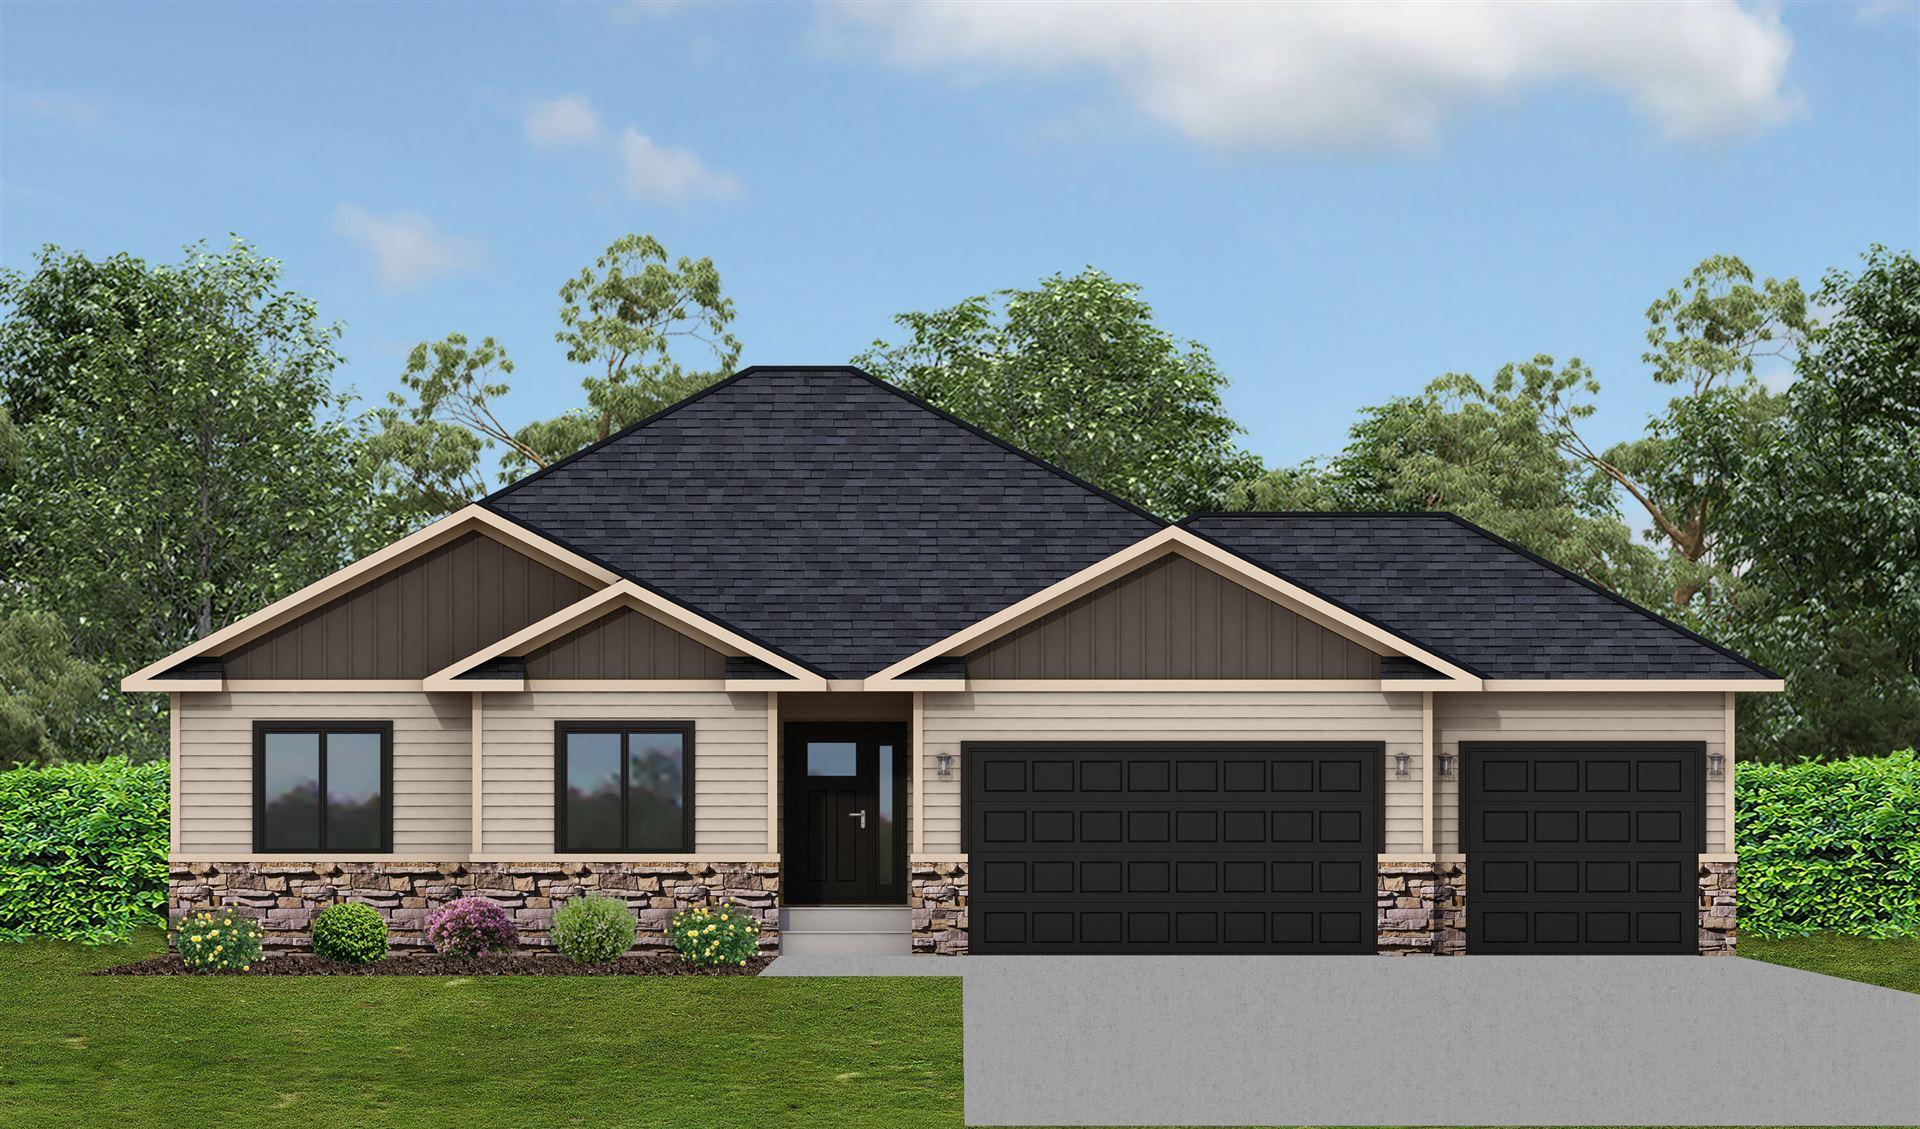 637 Laramie Ln, Holmen, WI 54636 - MLS#: 1769373